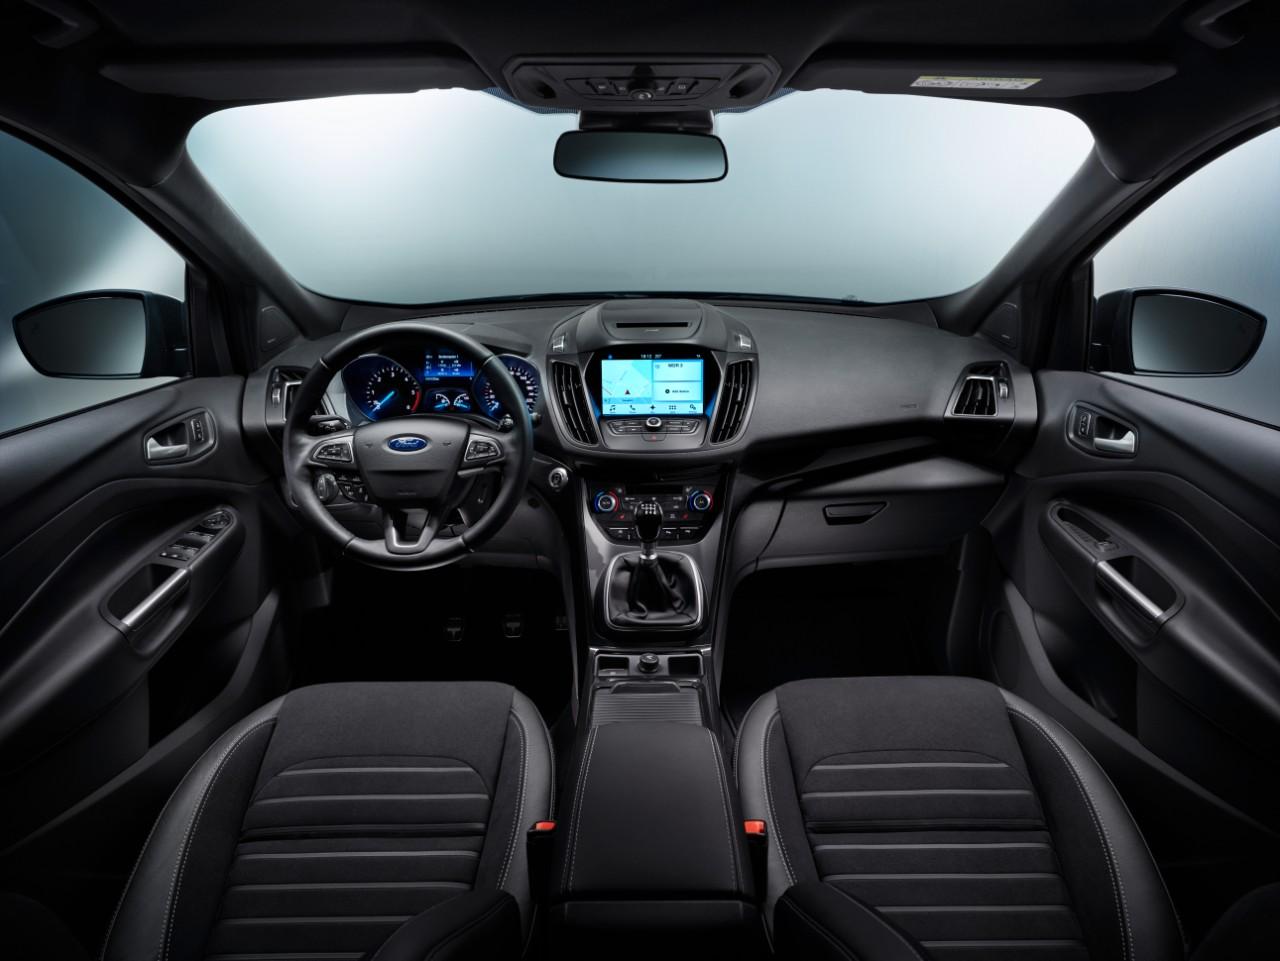 FORD KUGA MS Dashboard 05 NAVI eciRGB Η Ford Αποκαλύπτει το Νέο Kuga με πληθώρα νέων τεχνολογιών και με νέο κινητήρα 1.5L TDCi diesel 120 ίππων